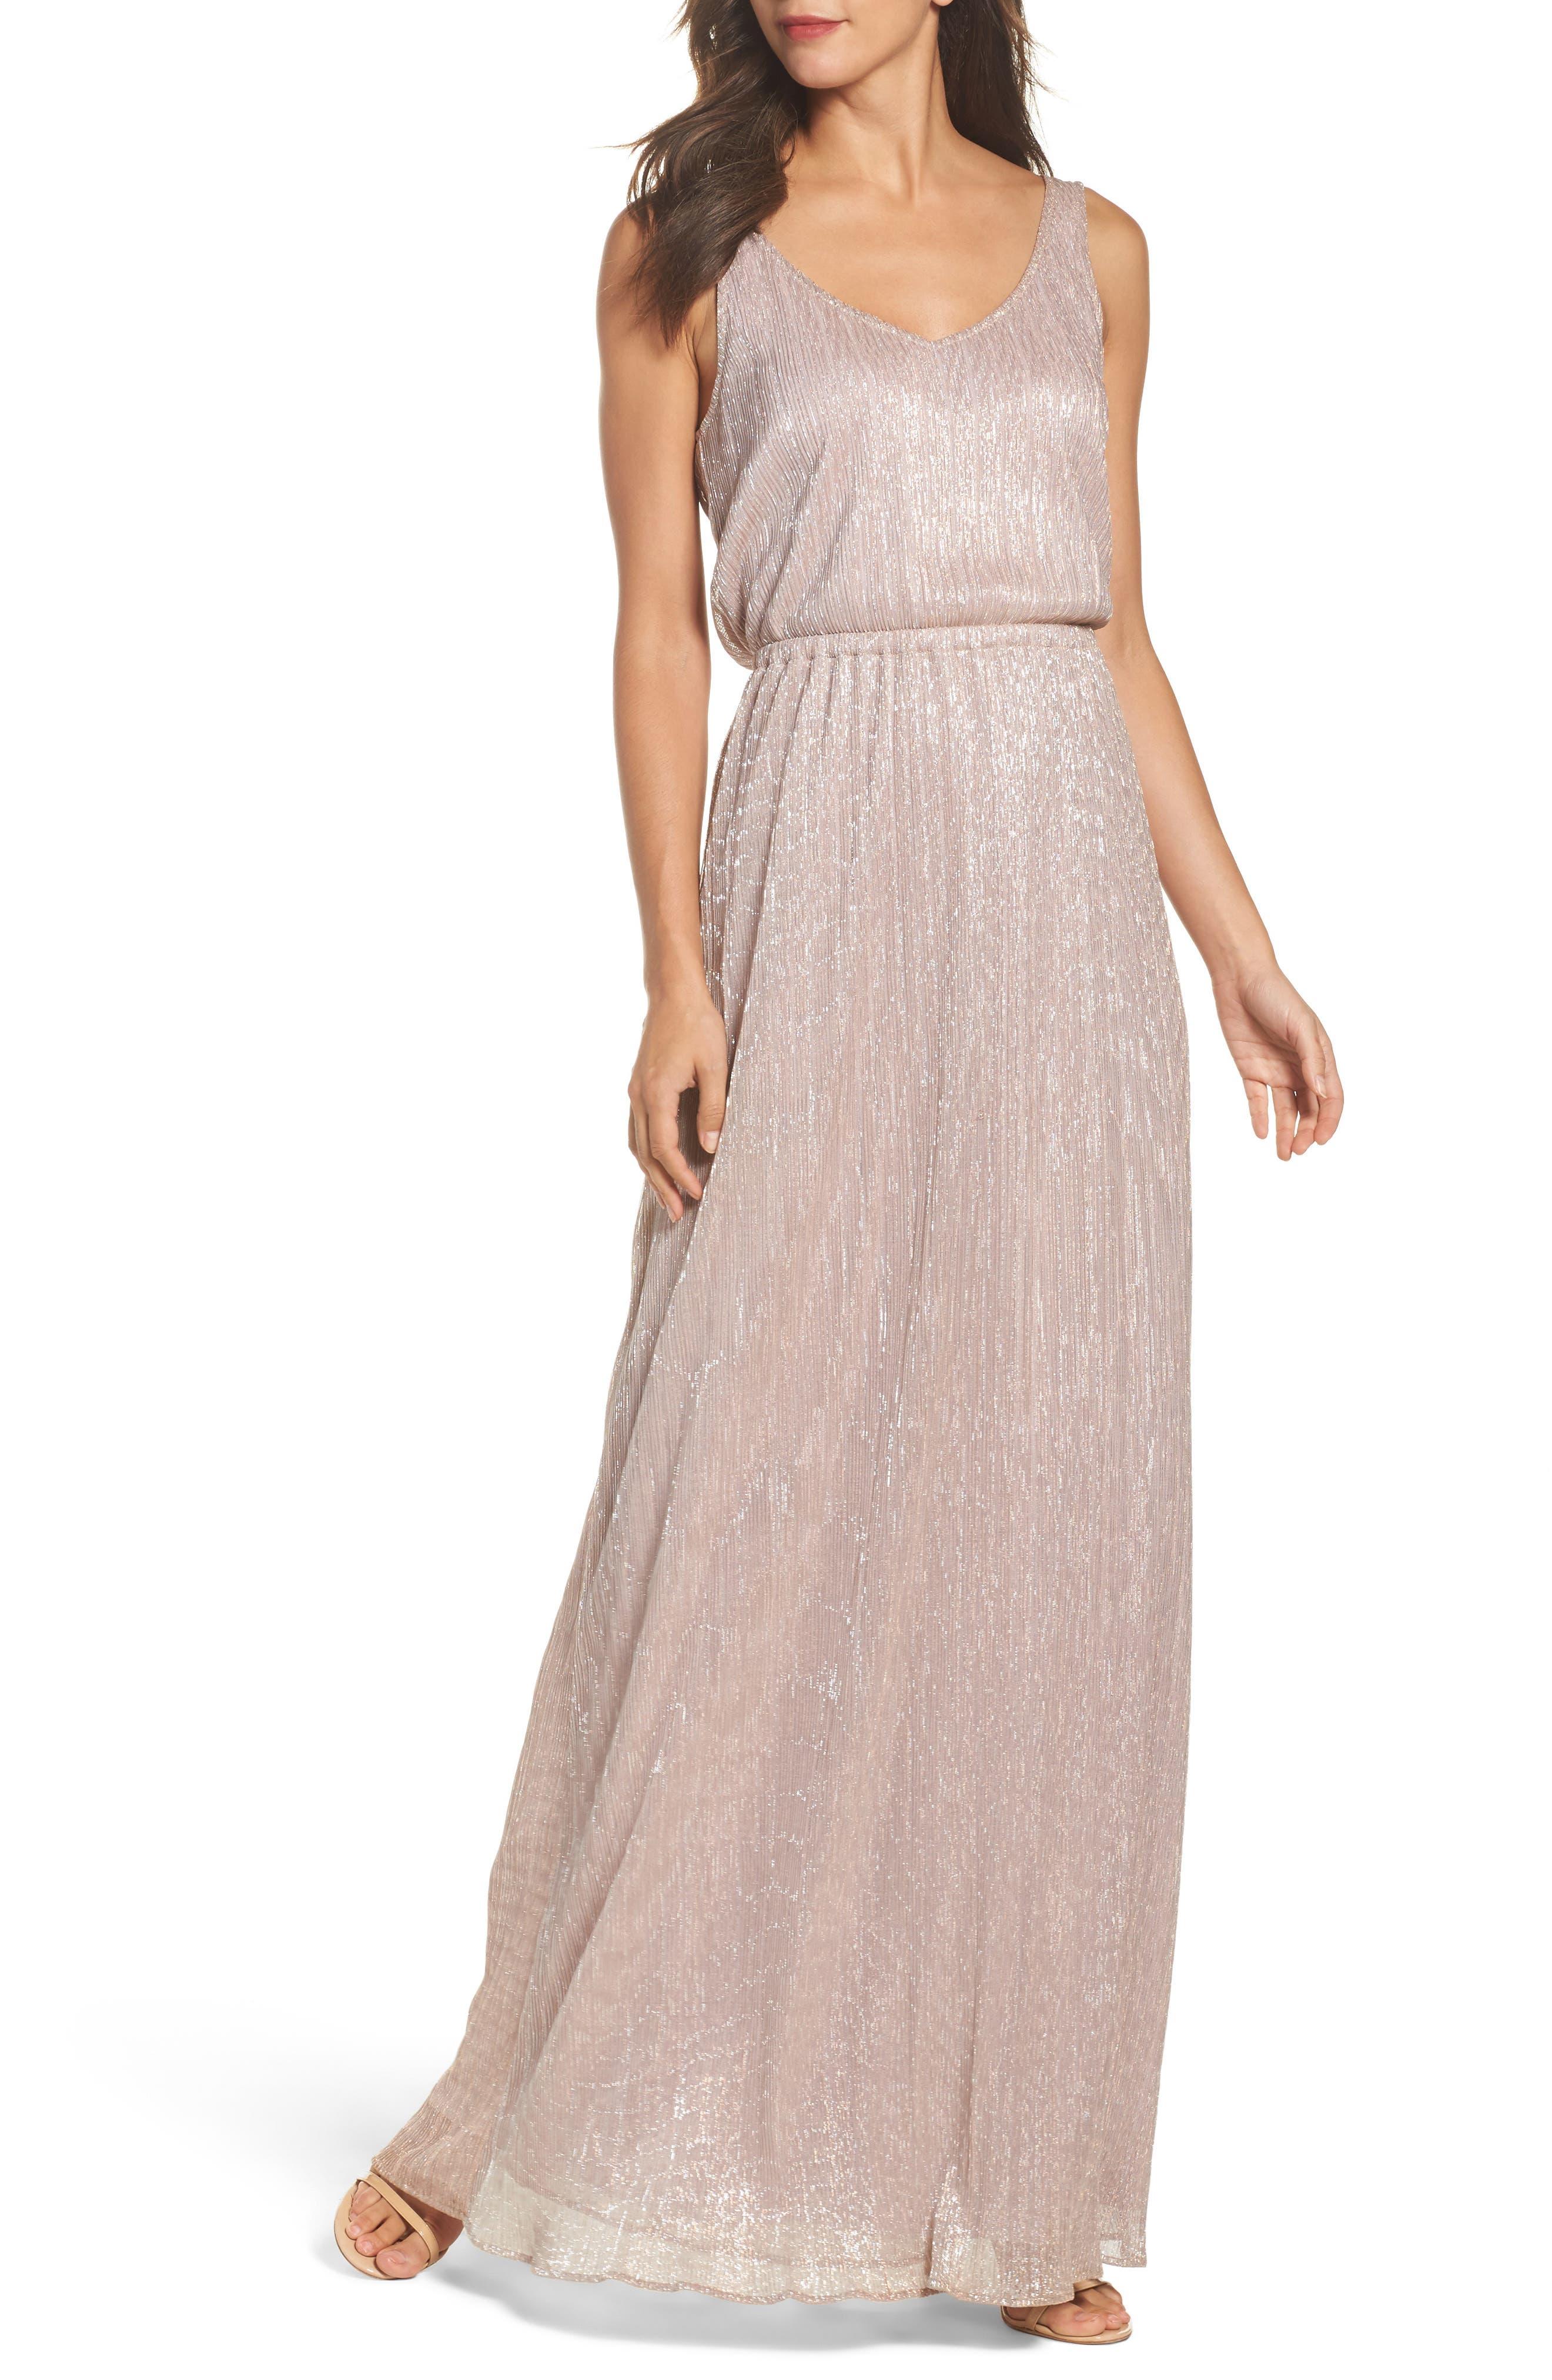 Kendall Blouson Maxi Dress,                             Main thumbnail 1, color,                             Magic Muave Glitter